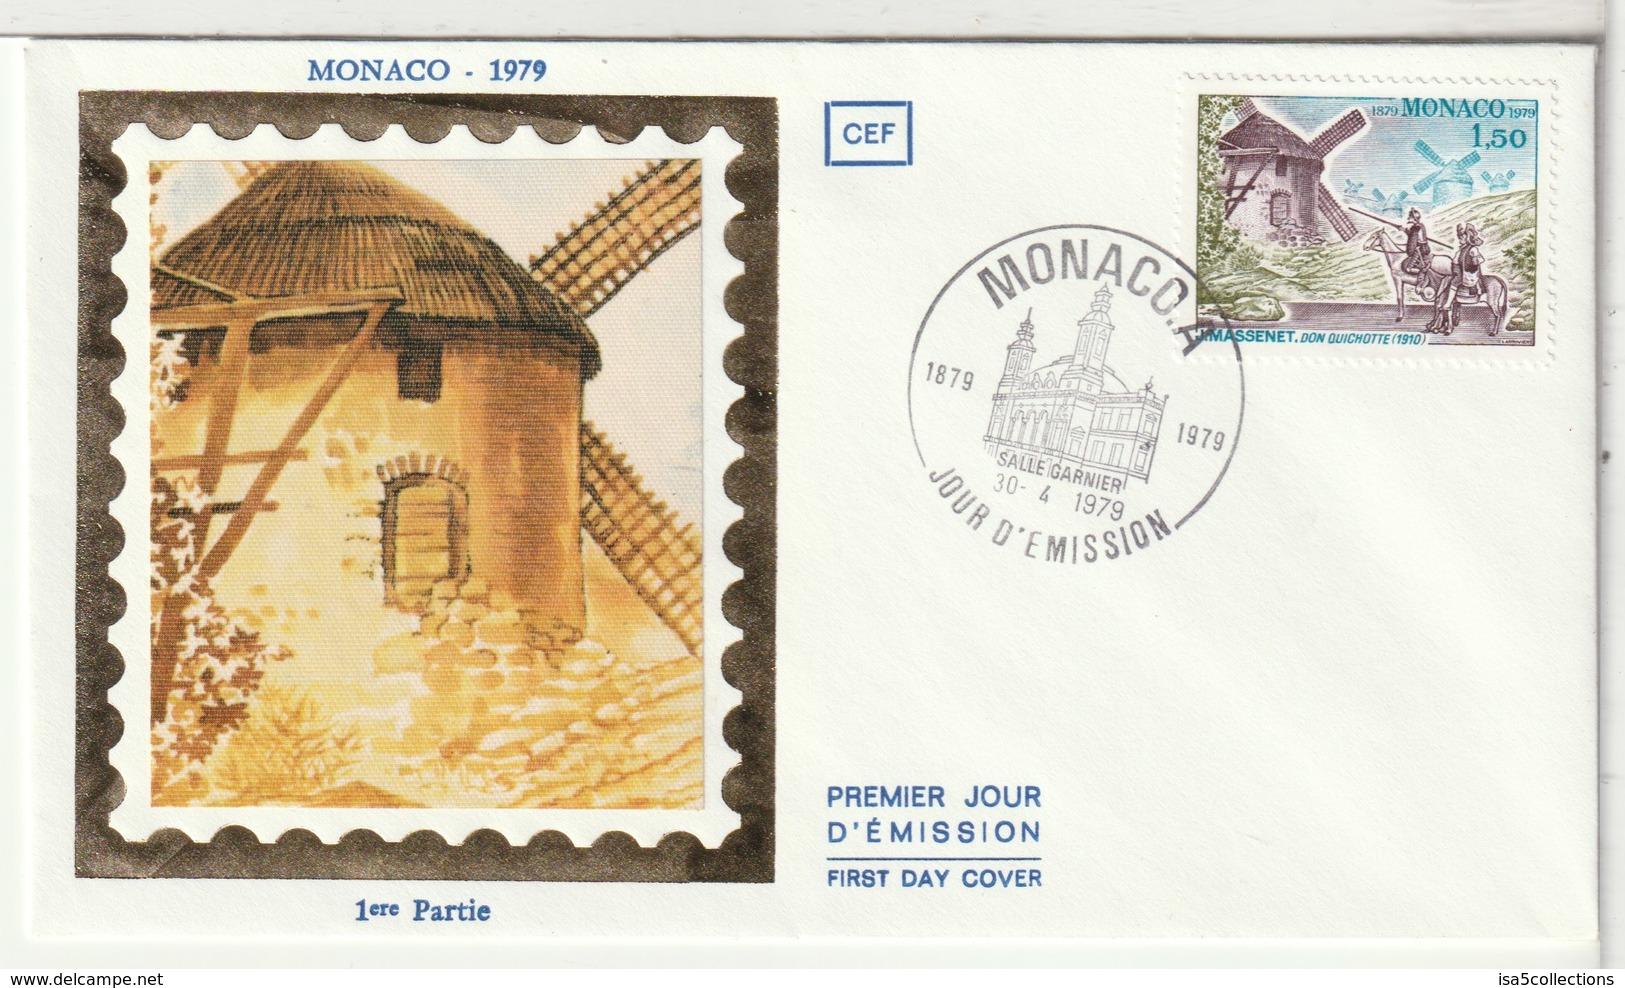 MONACO - FDC - 1979 - FDC